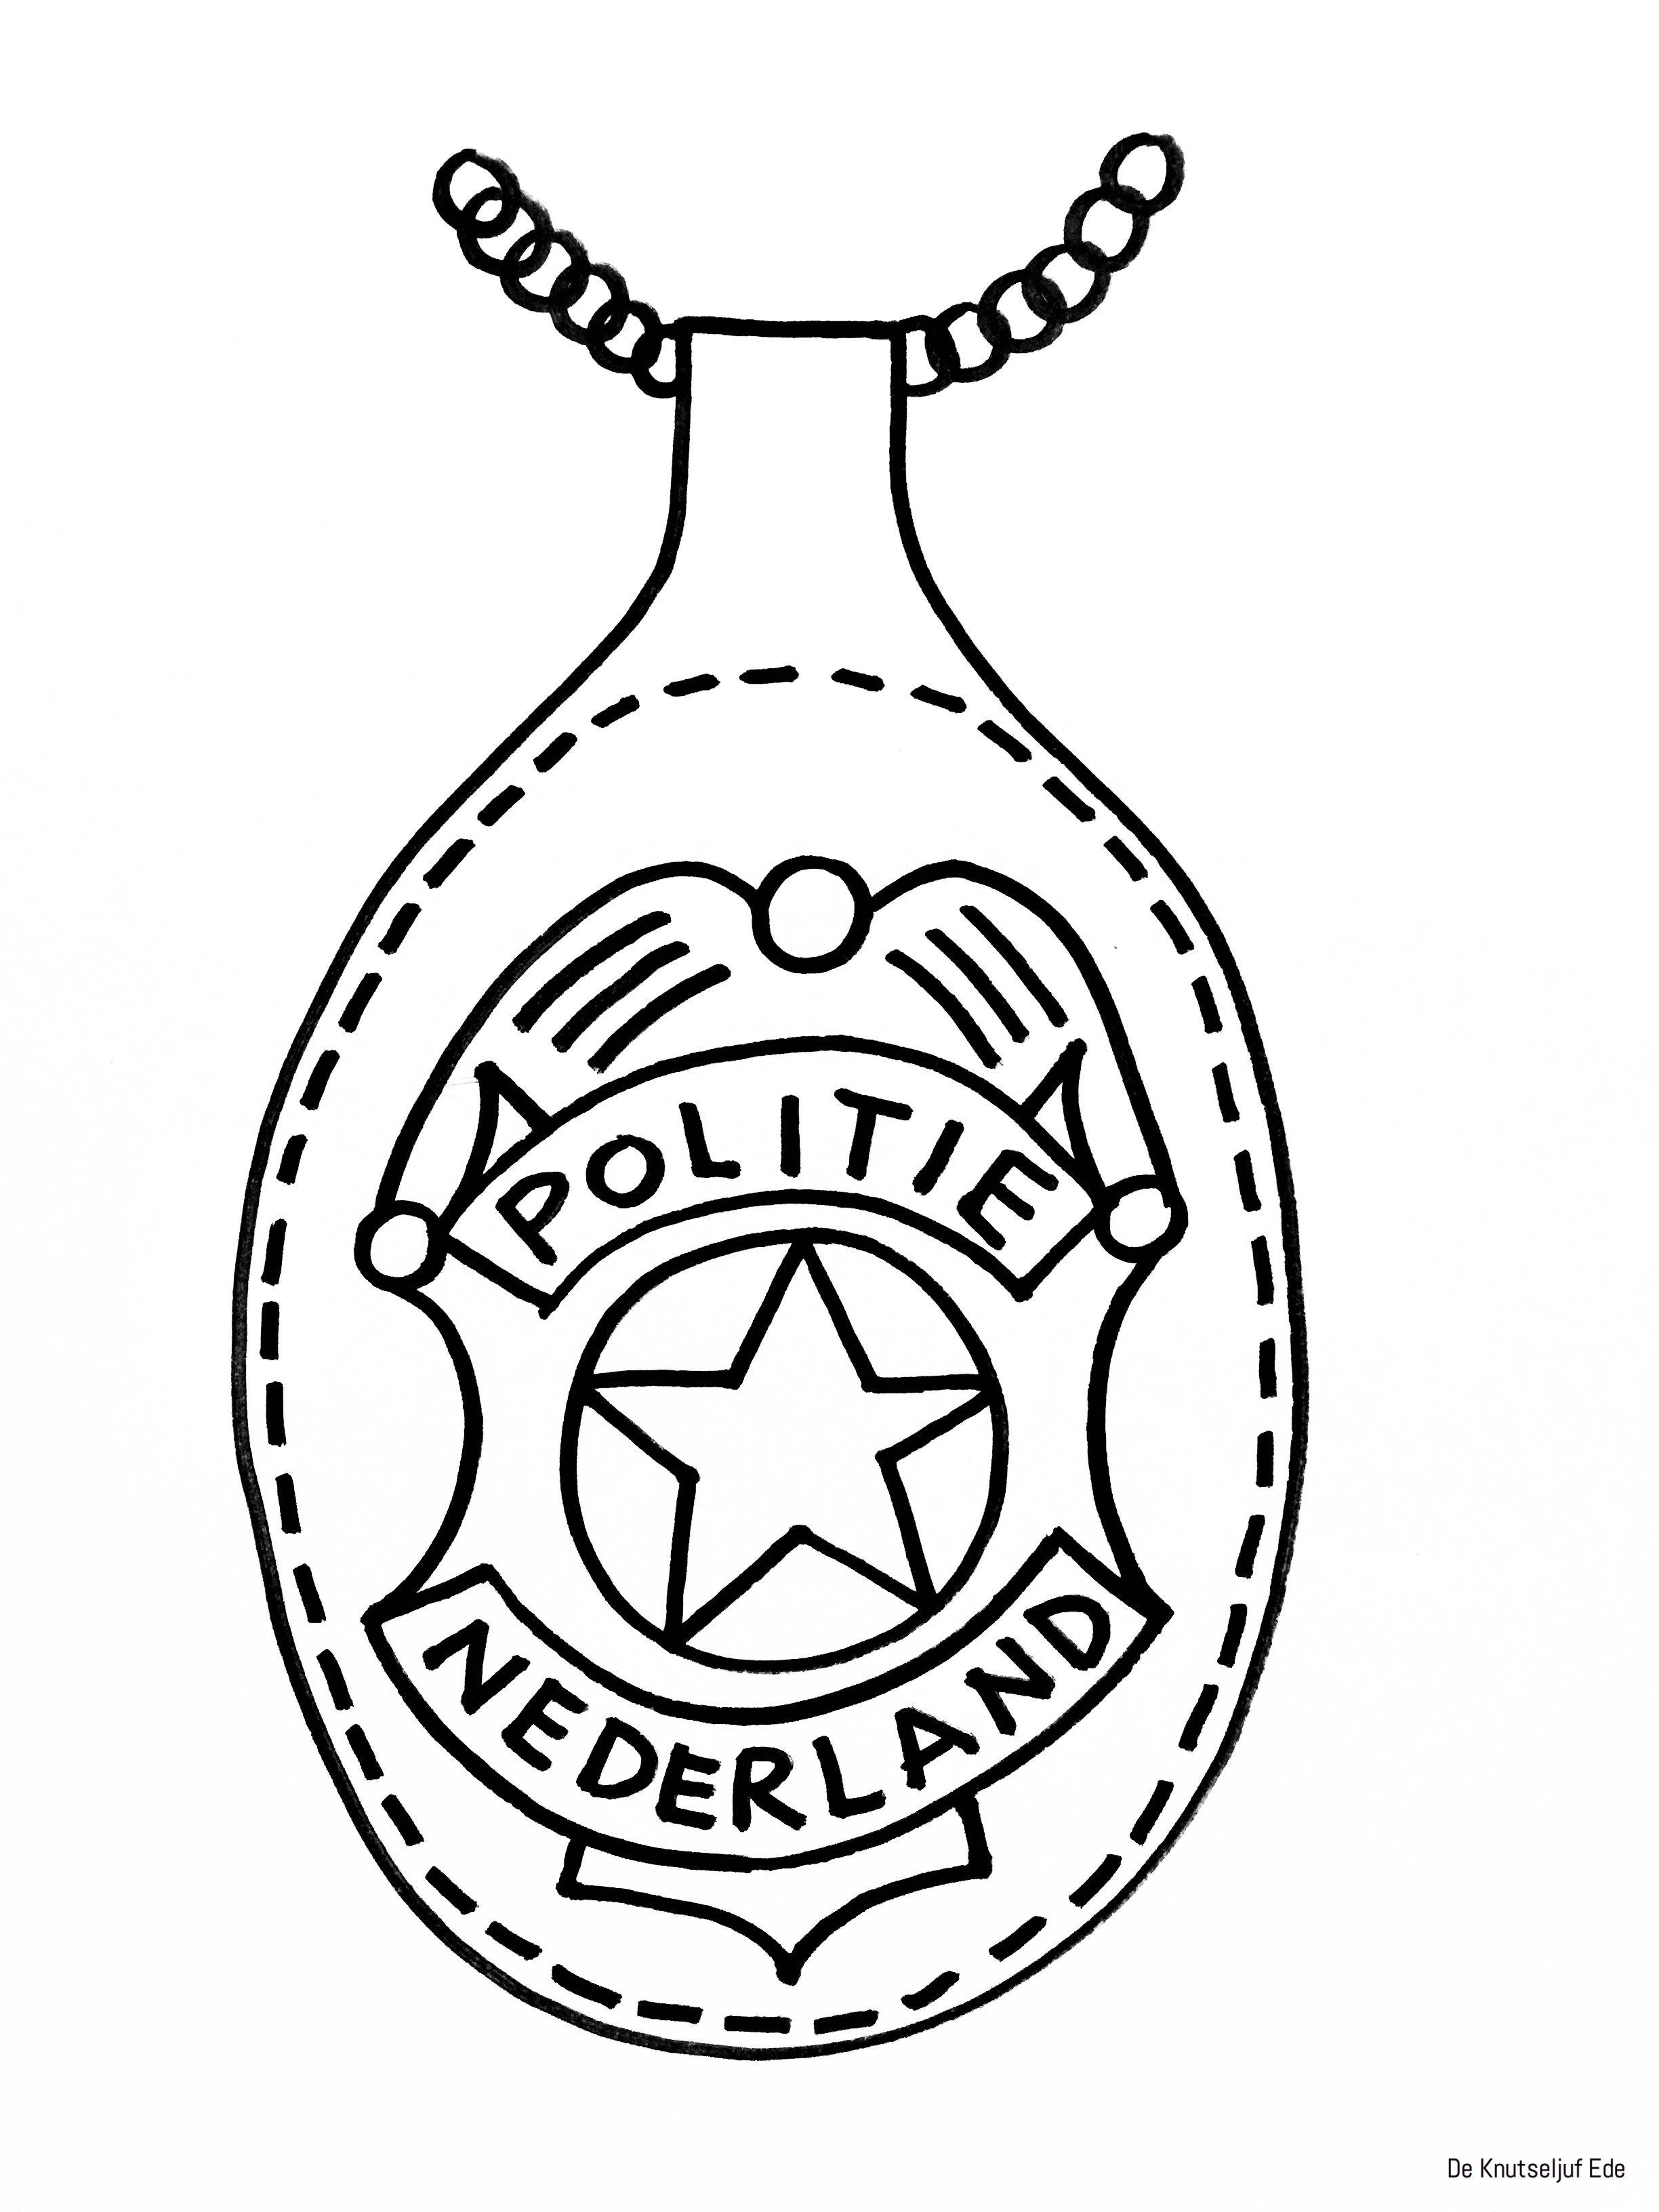 Thema Politie Knutselen Politie Badge Zelf Maken Knutselen Thema Politie Kinderknutsels Politie Badge Politiebadge Politiefeestje Detective Knutselen